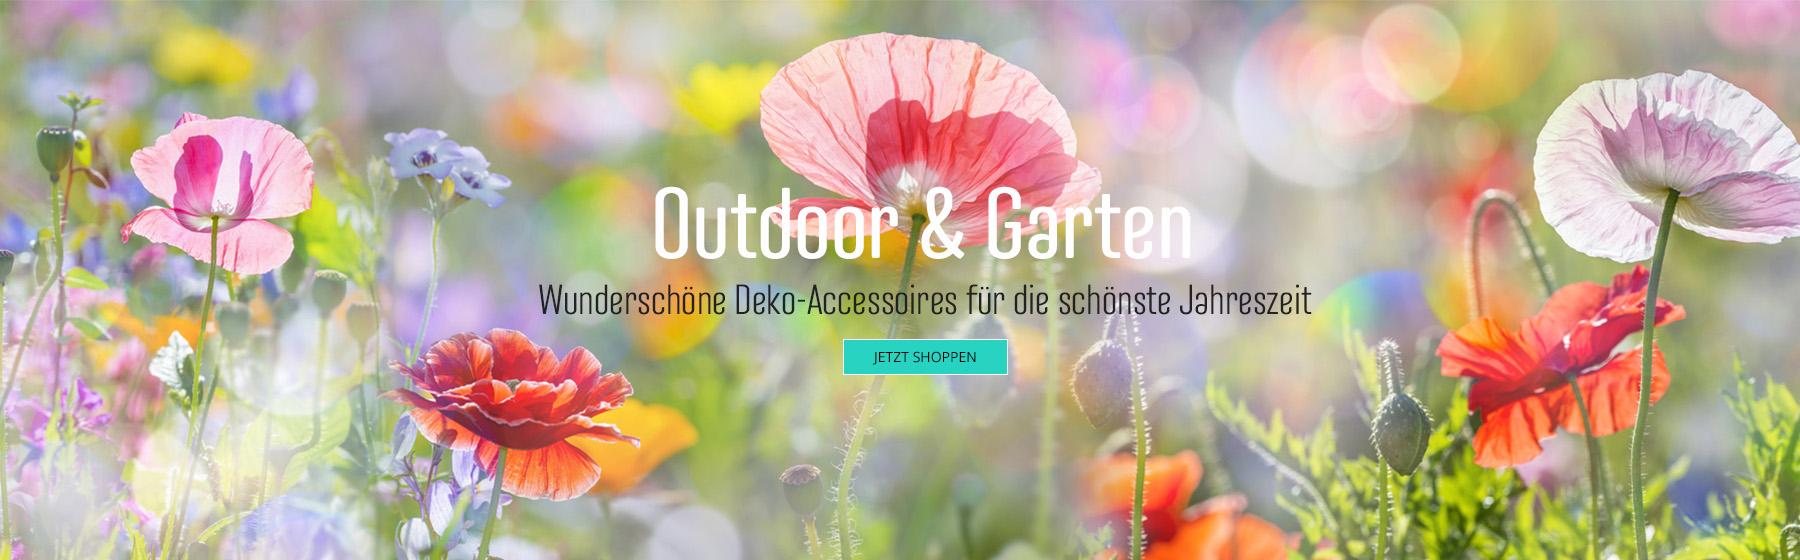 Deko-Artikel für Outdoor & Garten